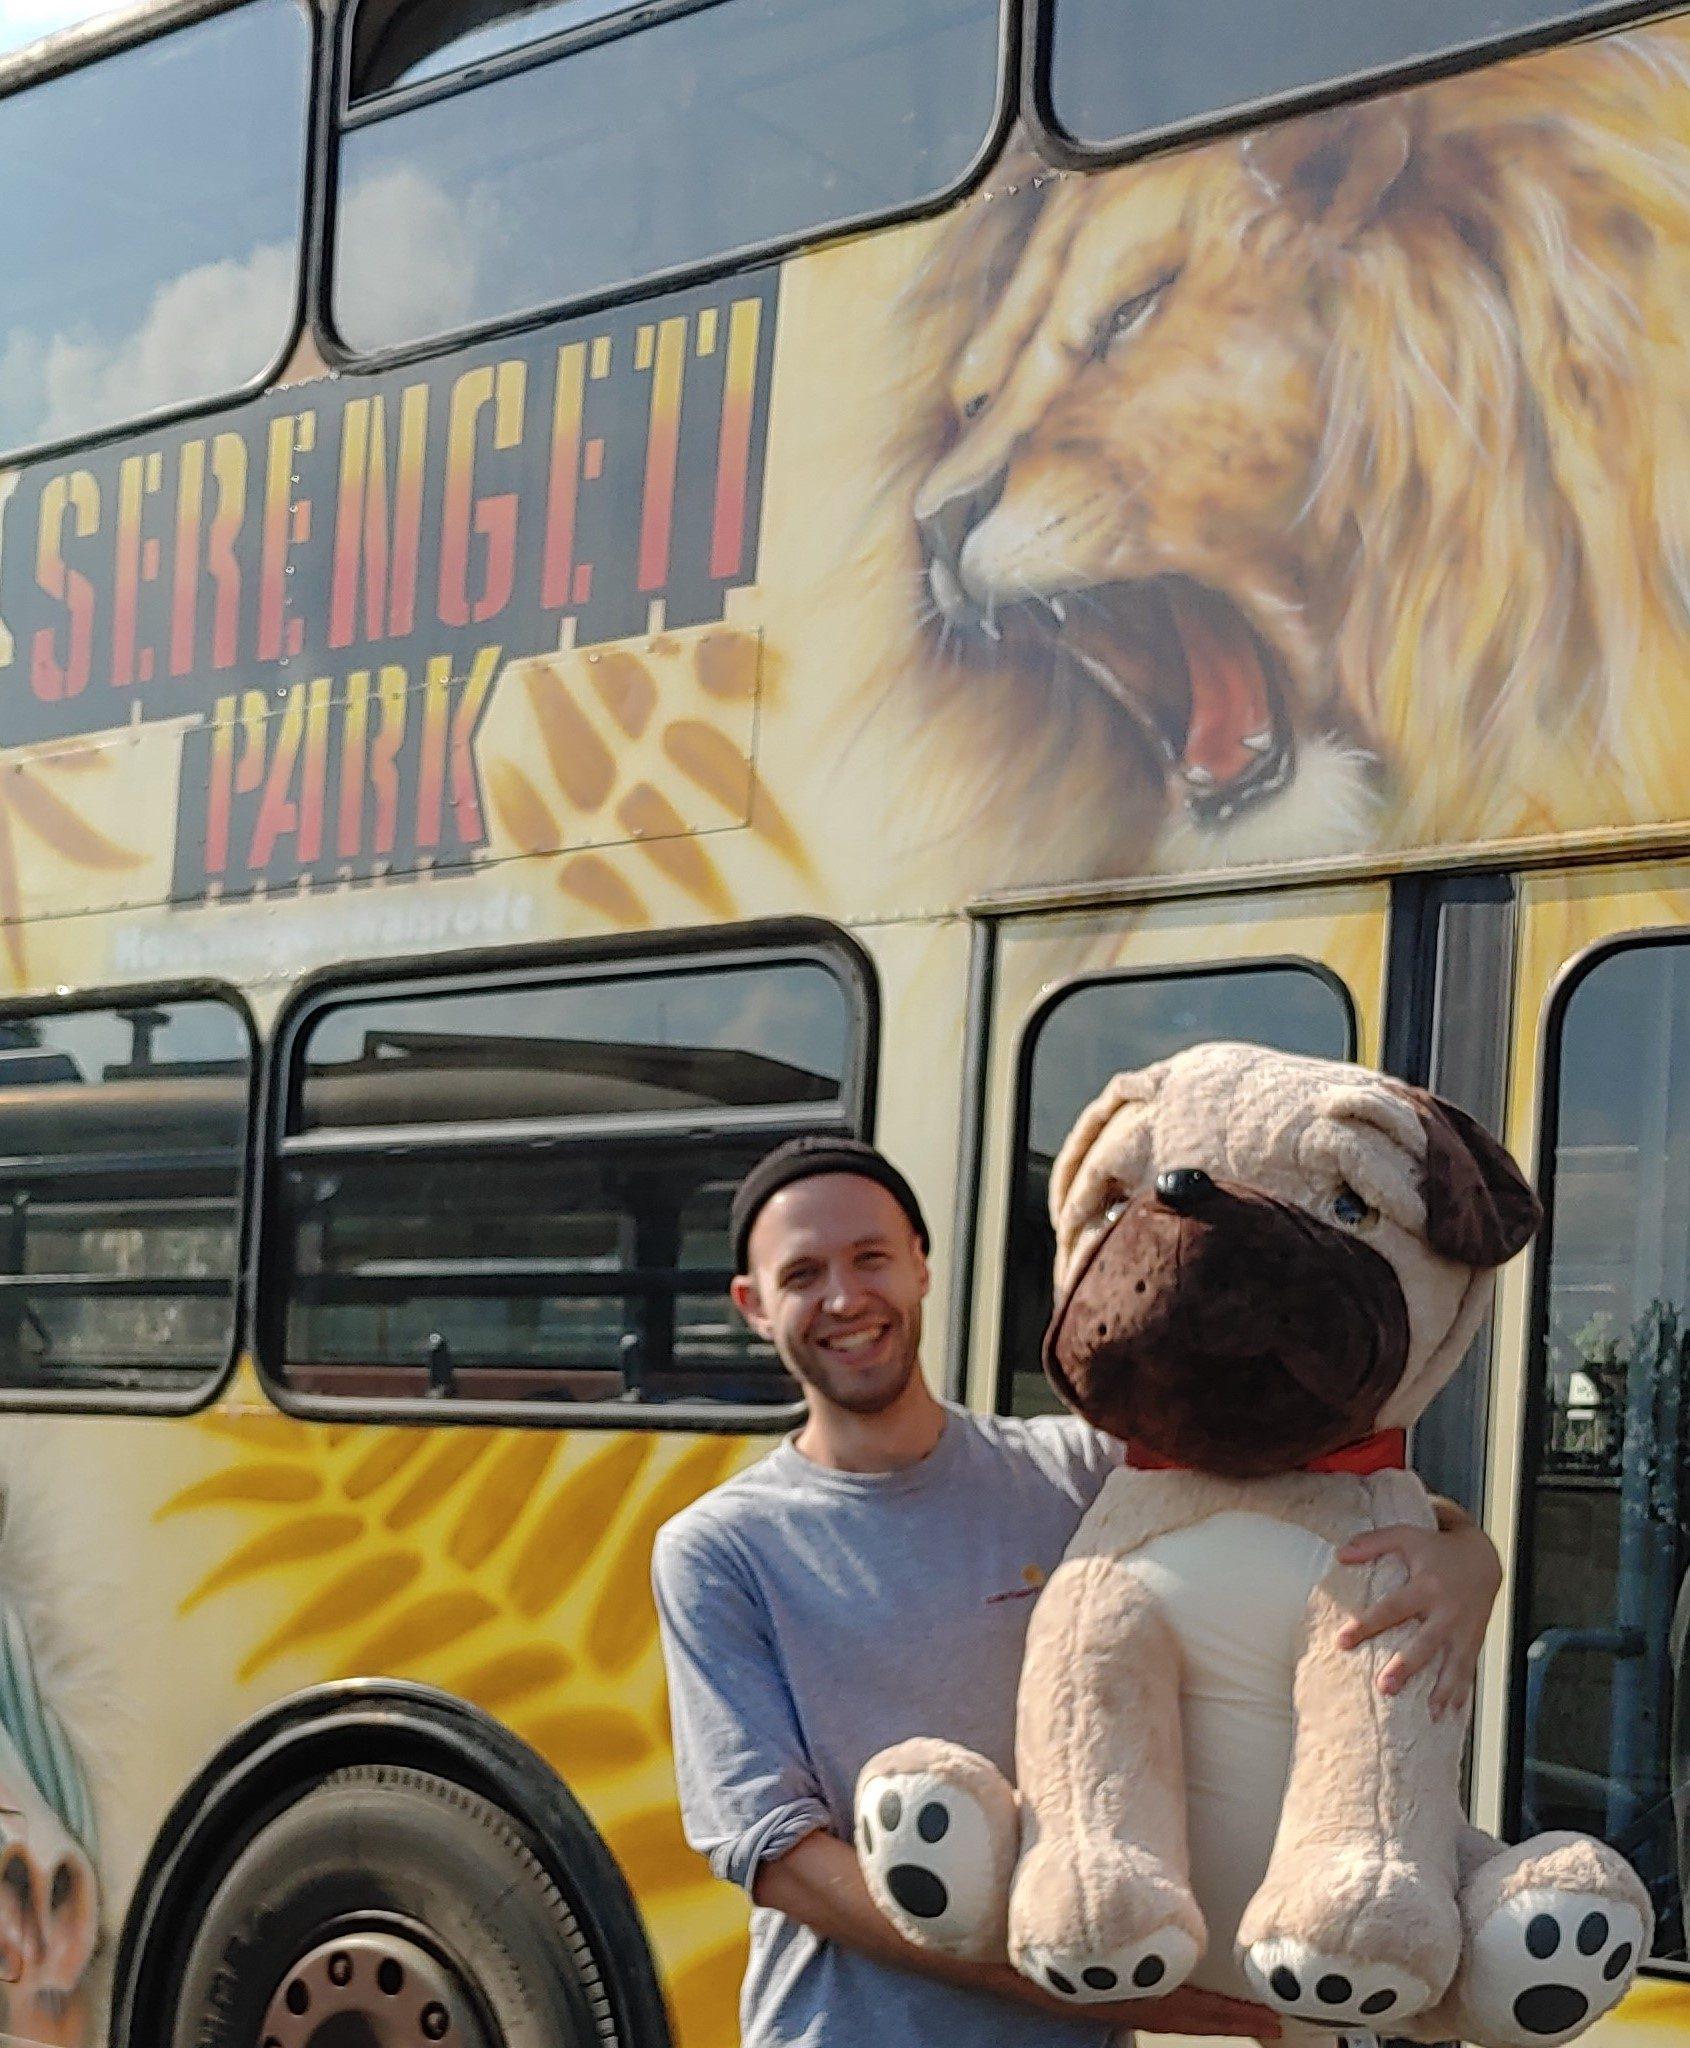 Junger Mann steht vor Doppeldeckerbus mit Aufschrift Serengeti Park, hält einen sehr großen Hund aus Plüsch im Arm.